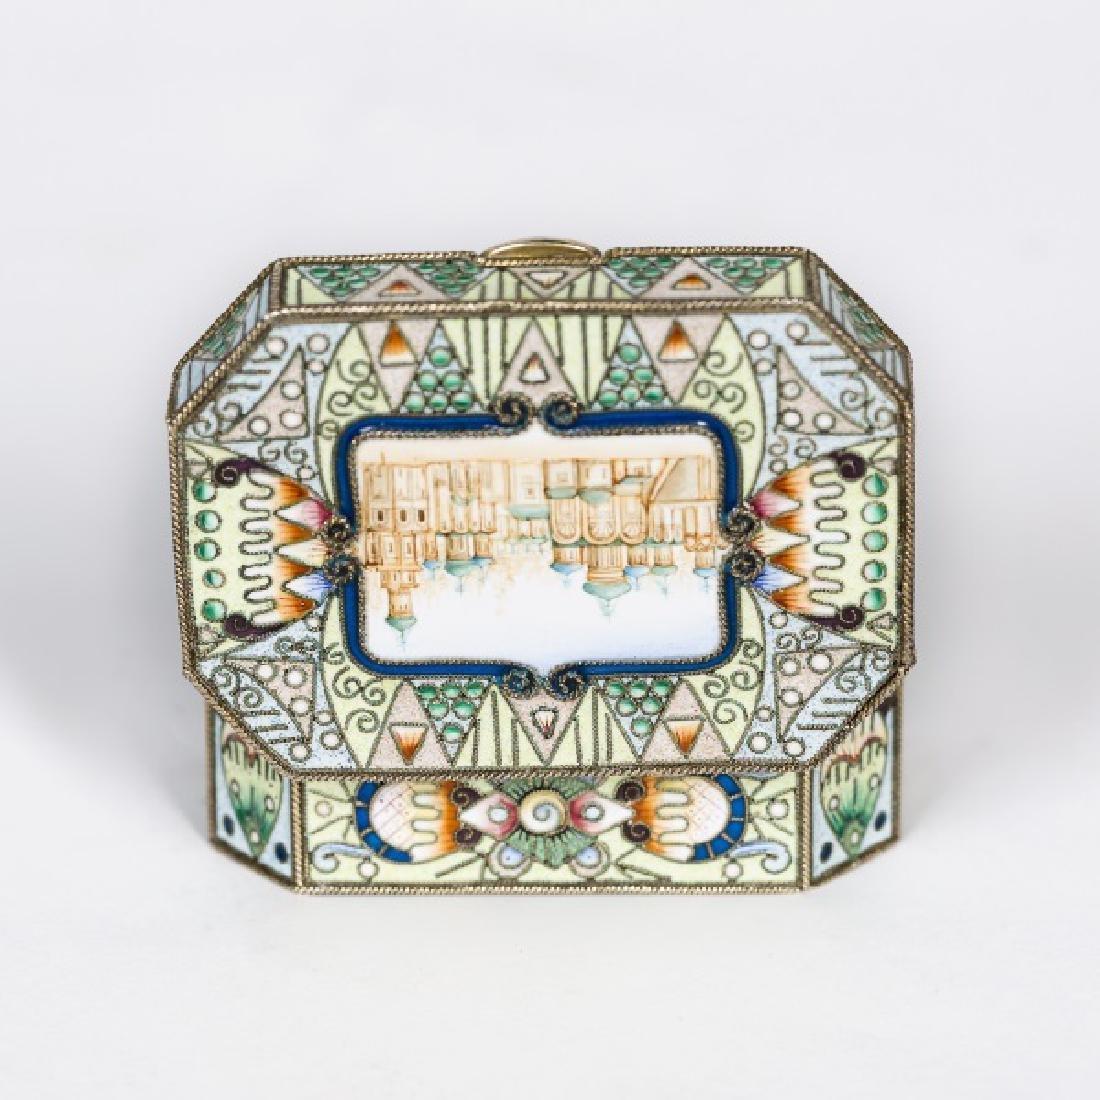 Faberge Silver Gilt Enamel Box, Feodor Ruckert - 5